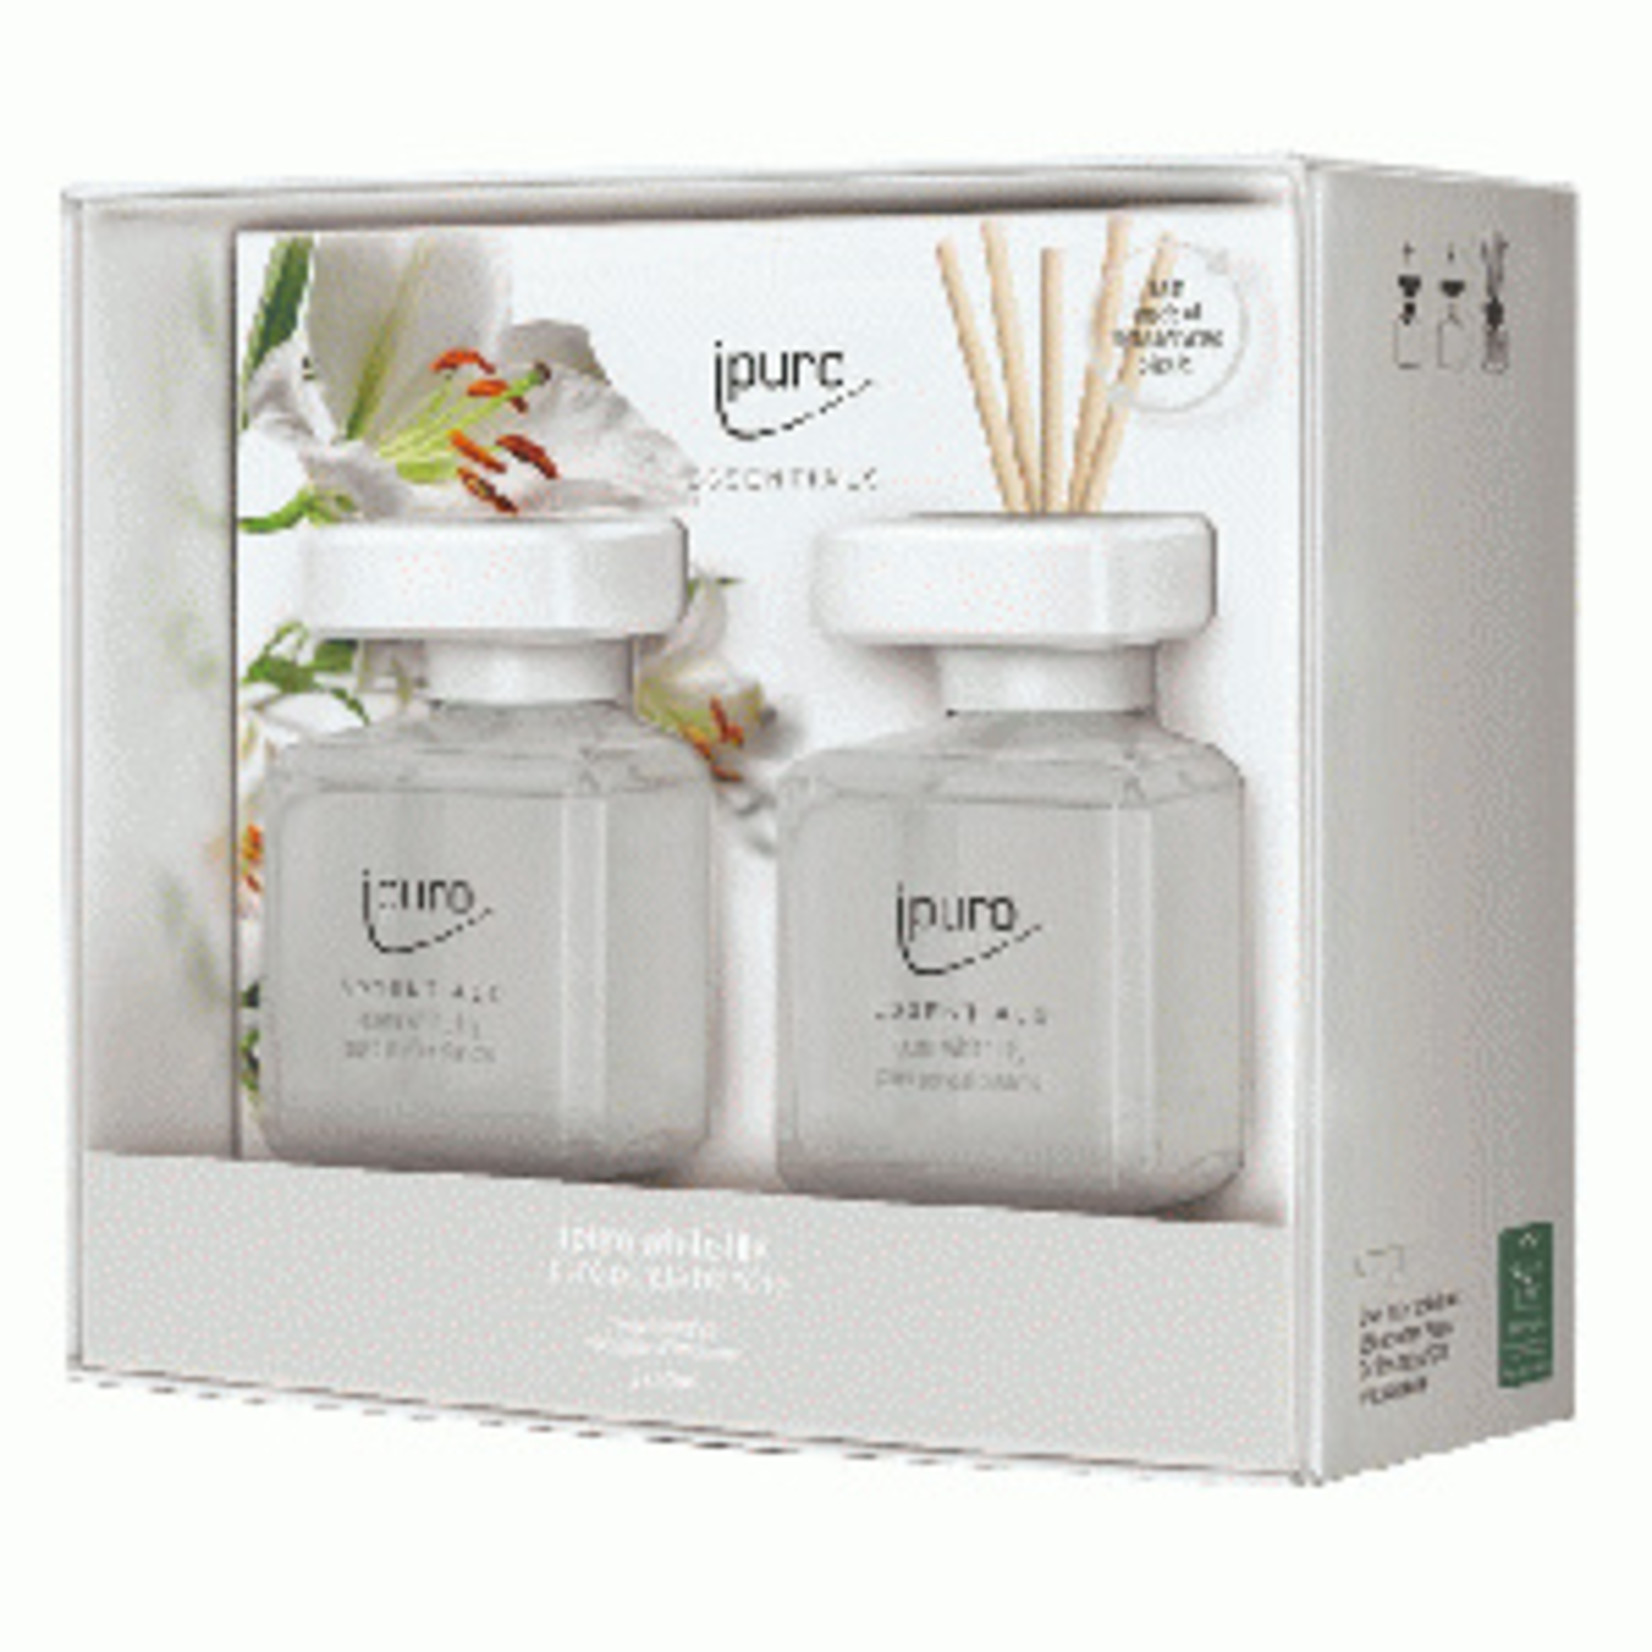 Ipuro Geurstokjes - White lily - 2x50ml